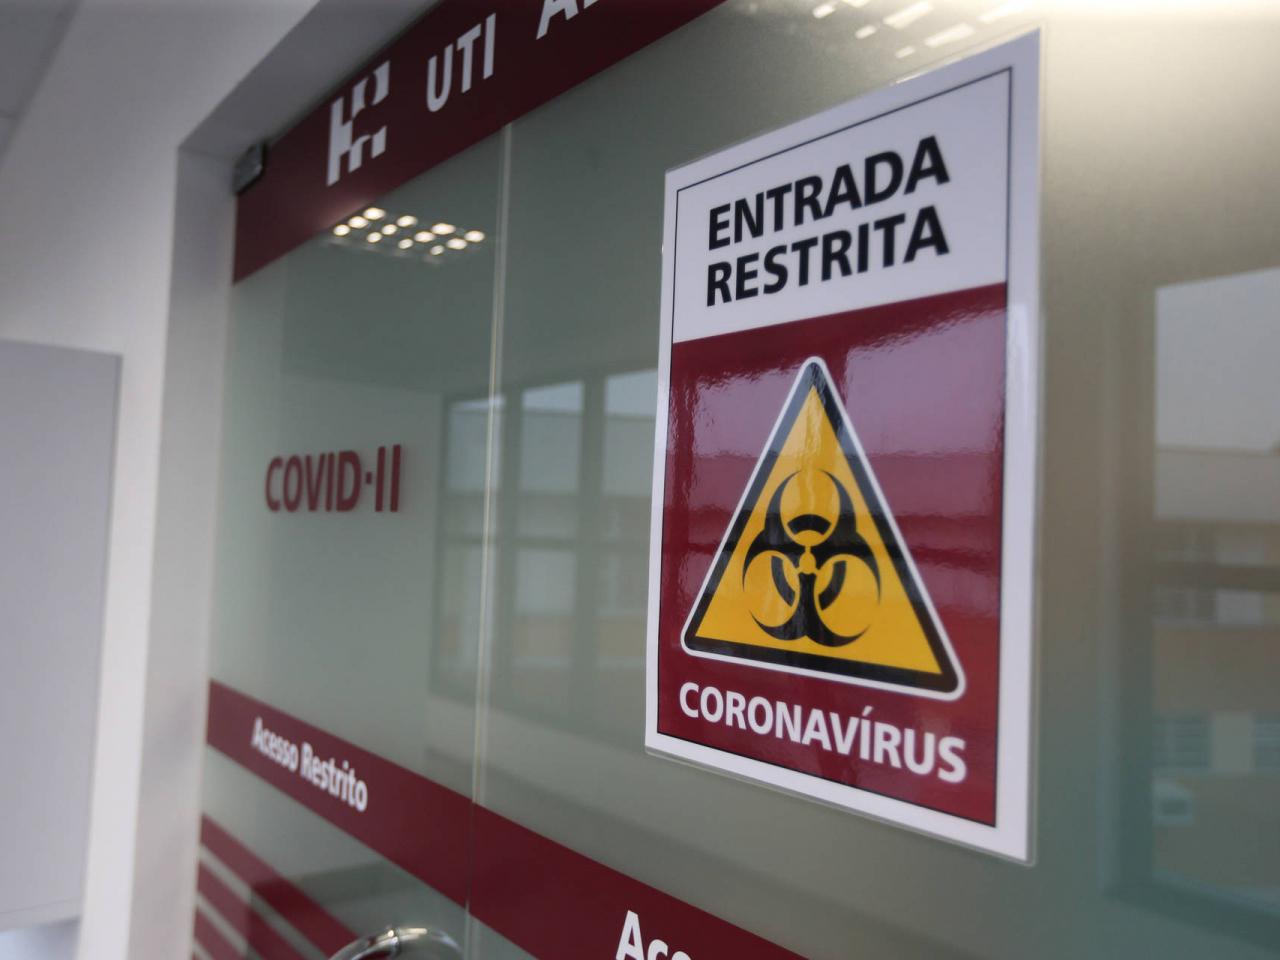 Mais da metade das prefeituras do Paraná tem irregularidades na contratação de produtos e serviços para controle da Covid